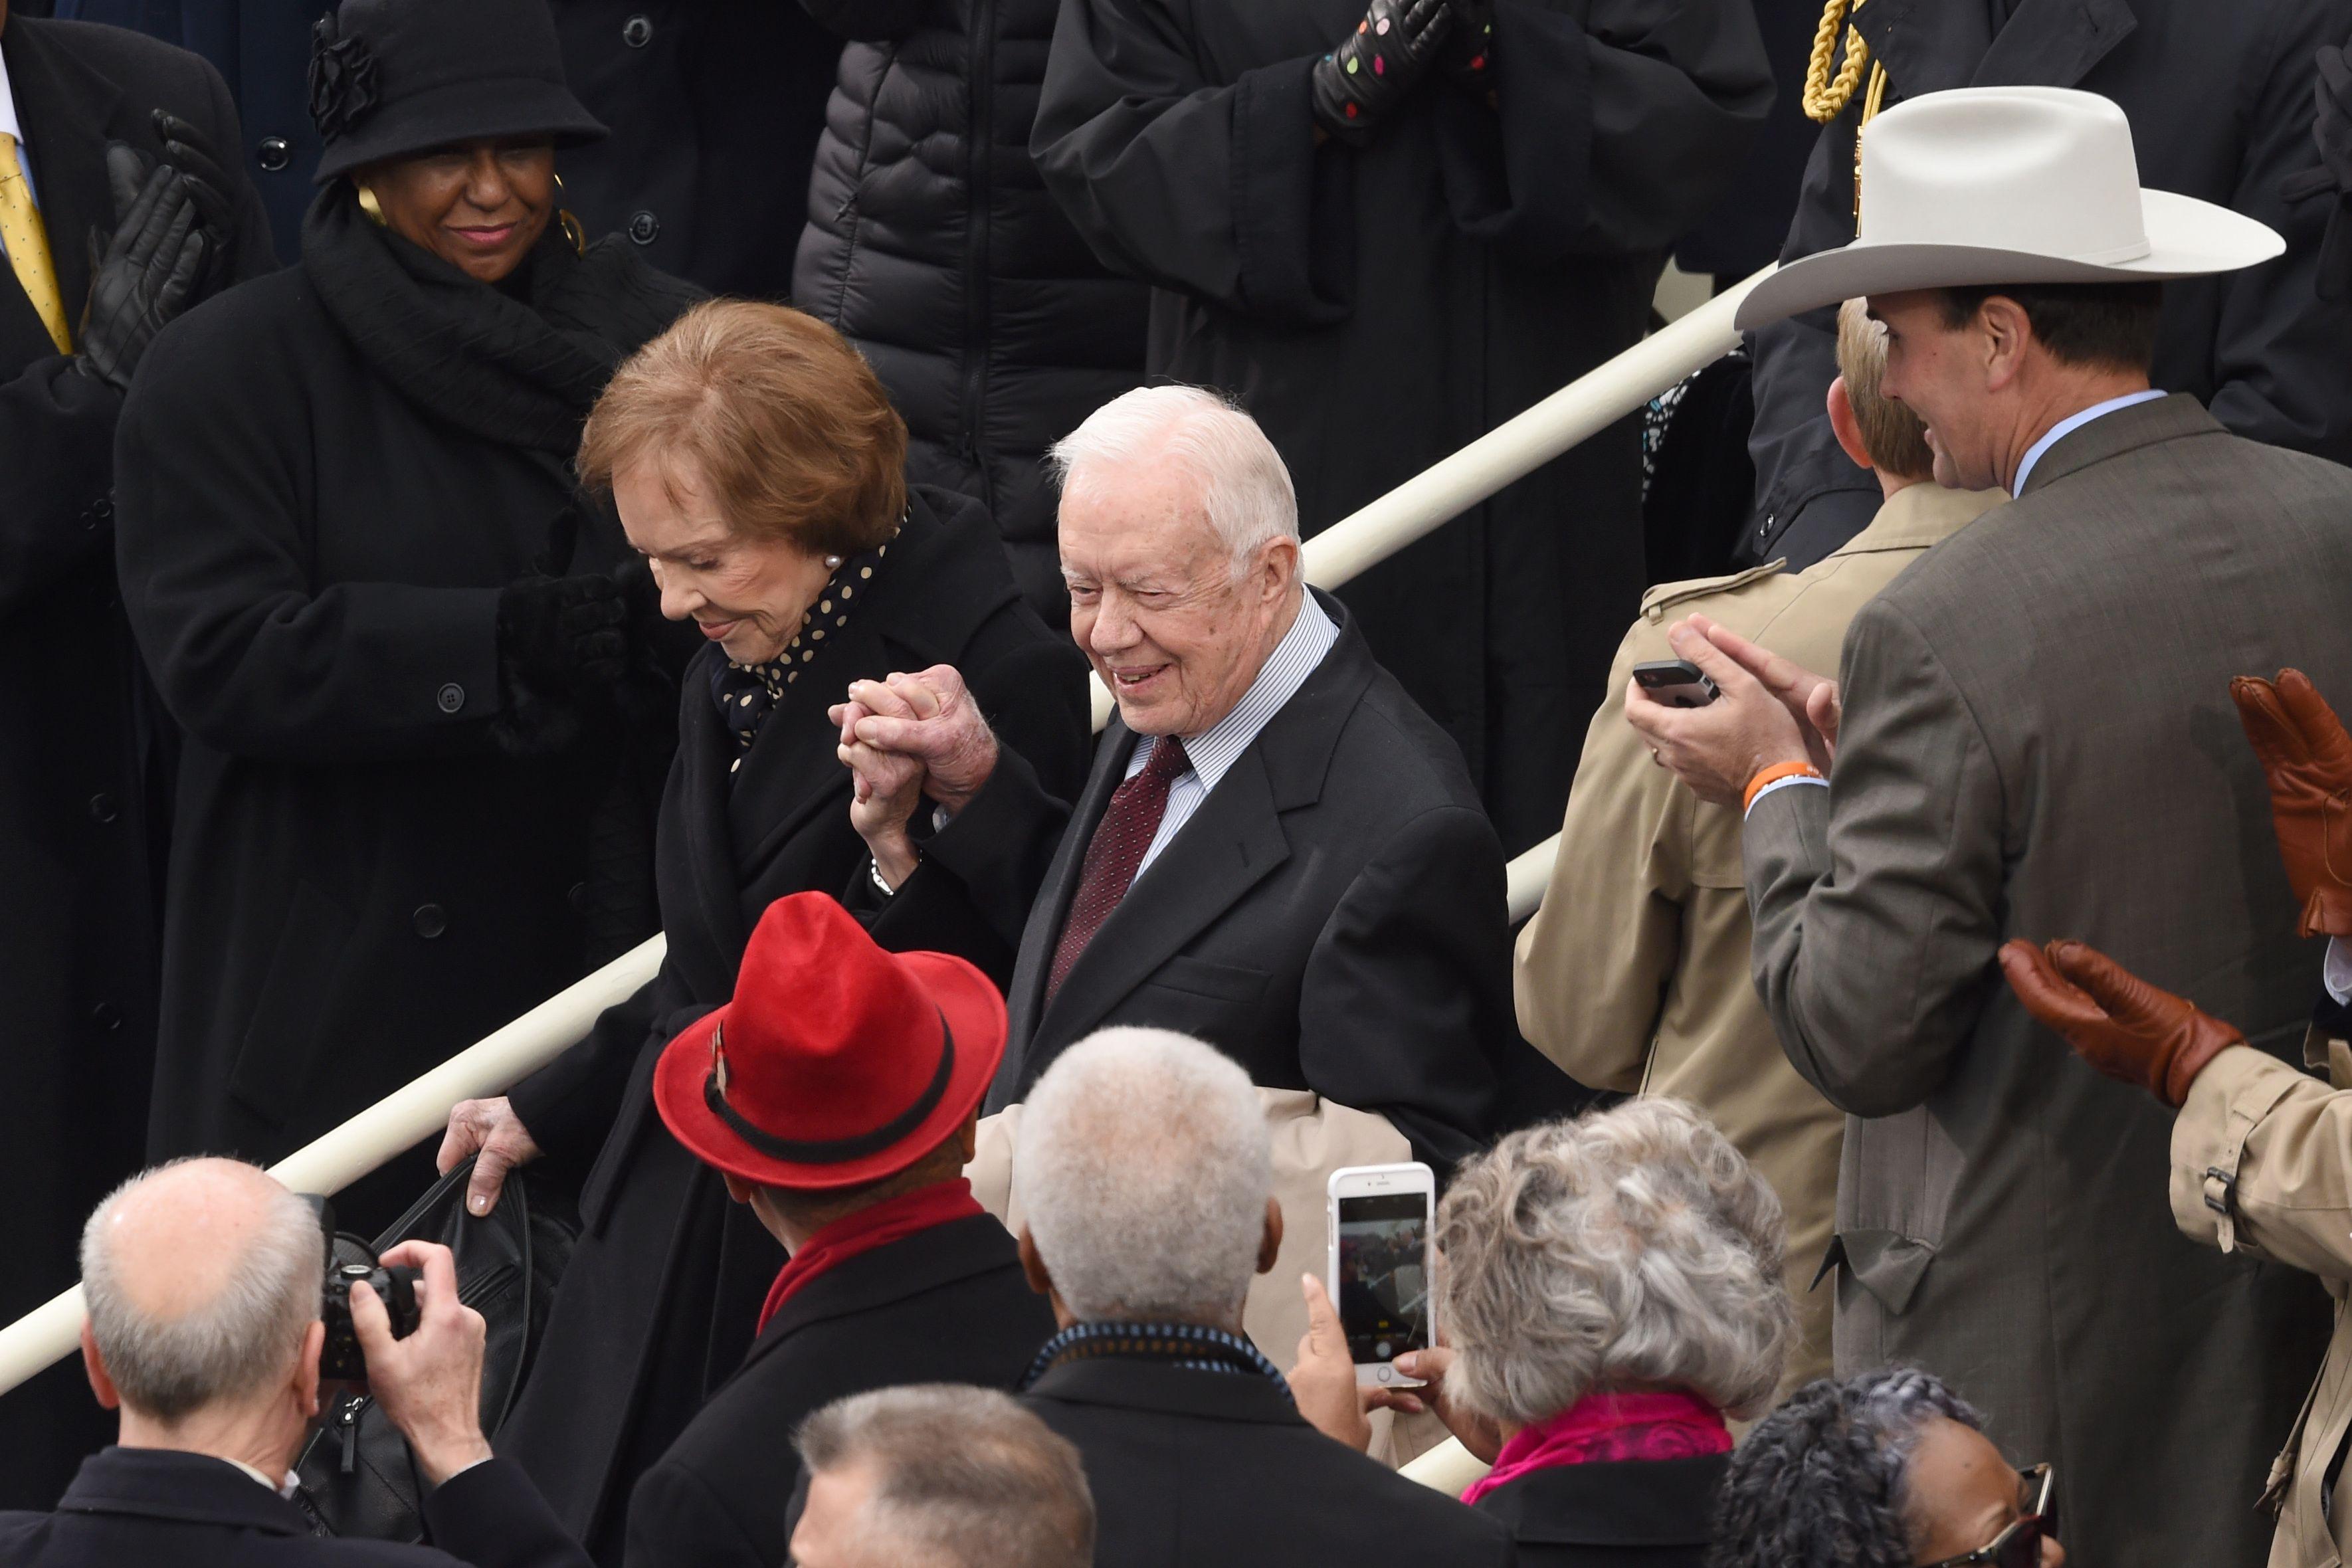 الرئيس الأسبق جيمى كارتر لدى وصوله مراسم التنصيب